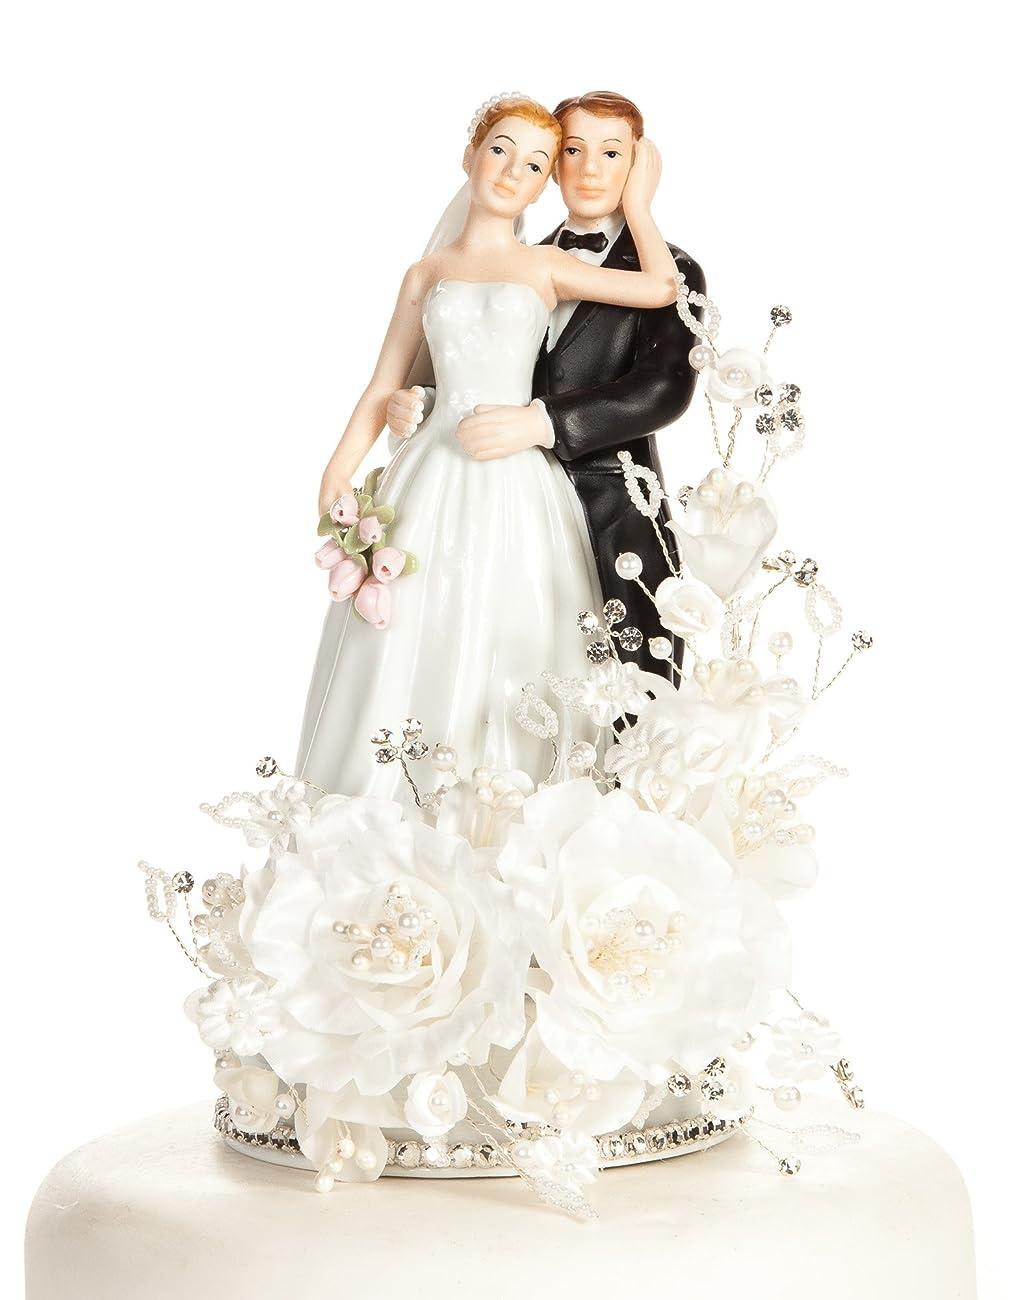 Vintage Elegant Rose Wedding Cake Topper 0